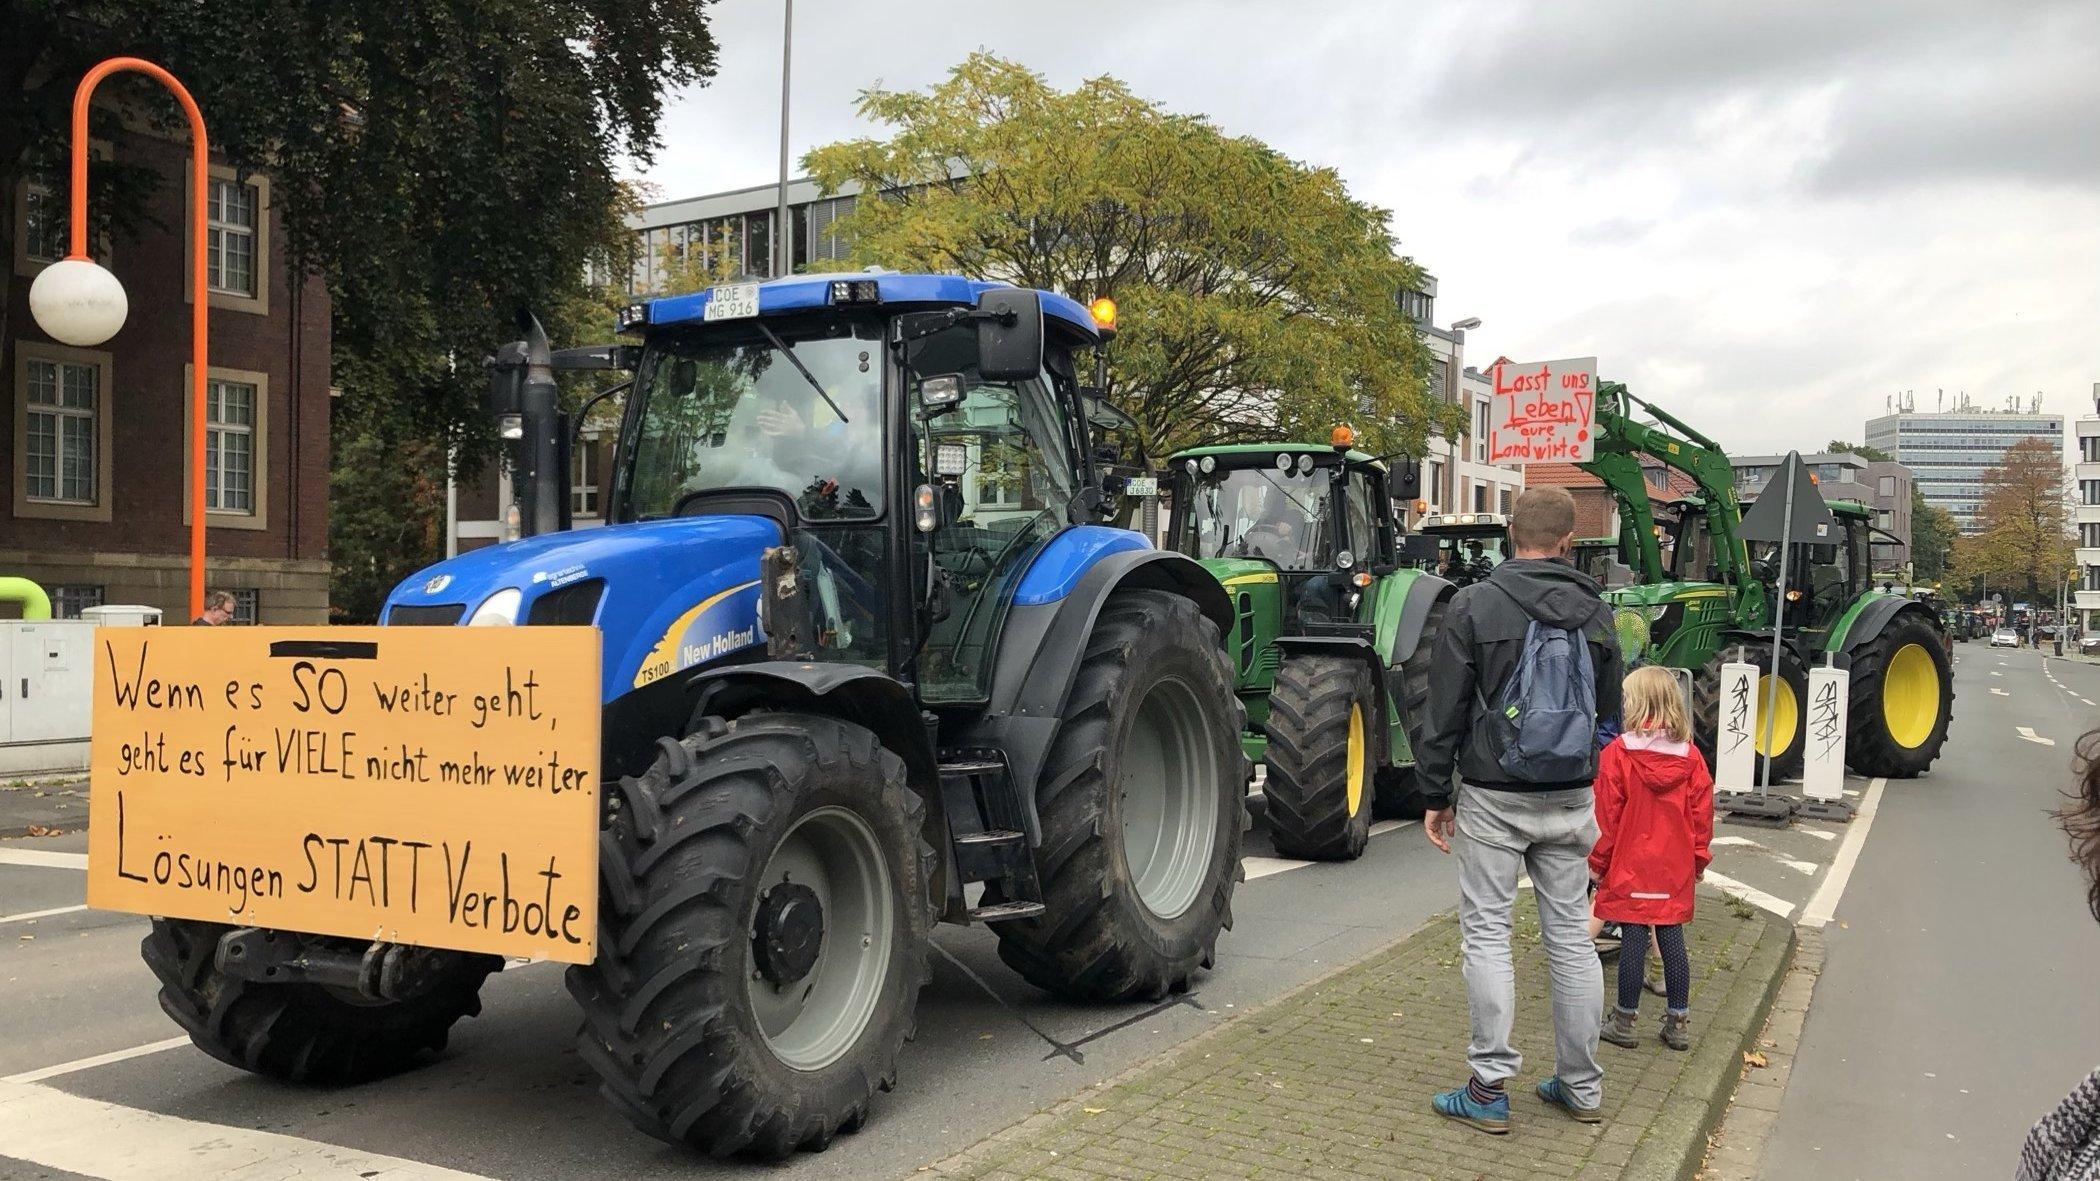 Trecker fahren auf einem Bauernprotest in Münster. 23.10.2019. Ein Mann schaut sich mit seinem Kind das Geschehen vom Straßenrand aus an.